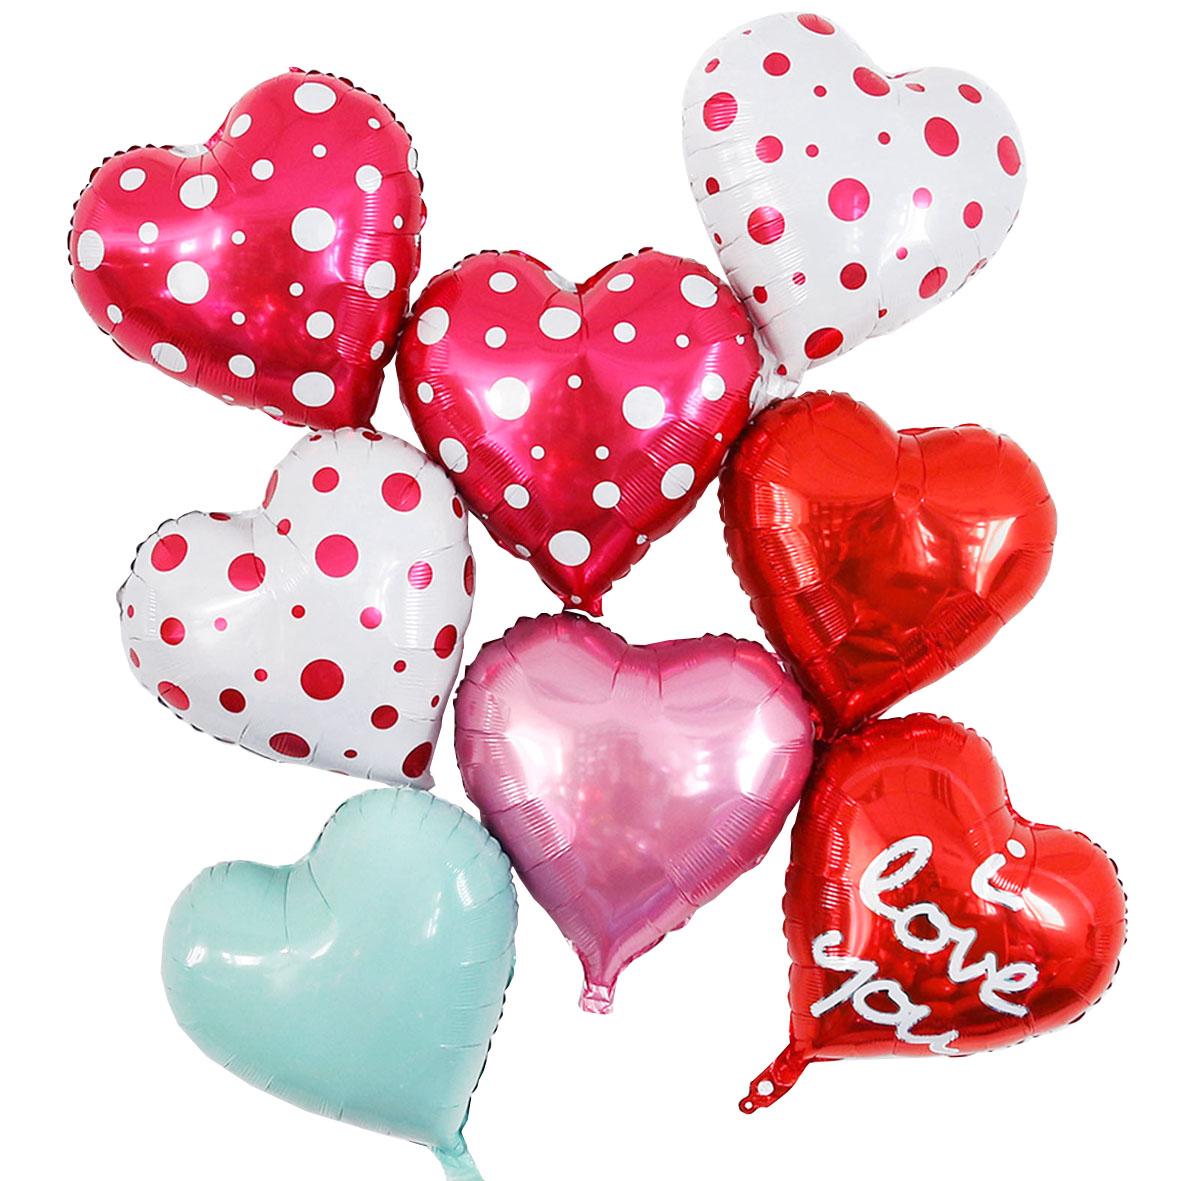 婚礼结婚婚房婚庆布置用品儿童满月周岁生日派对爱心气球多款多色